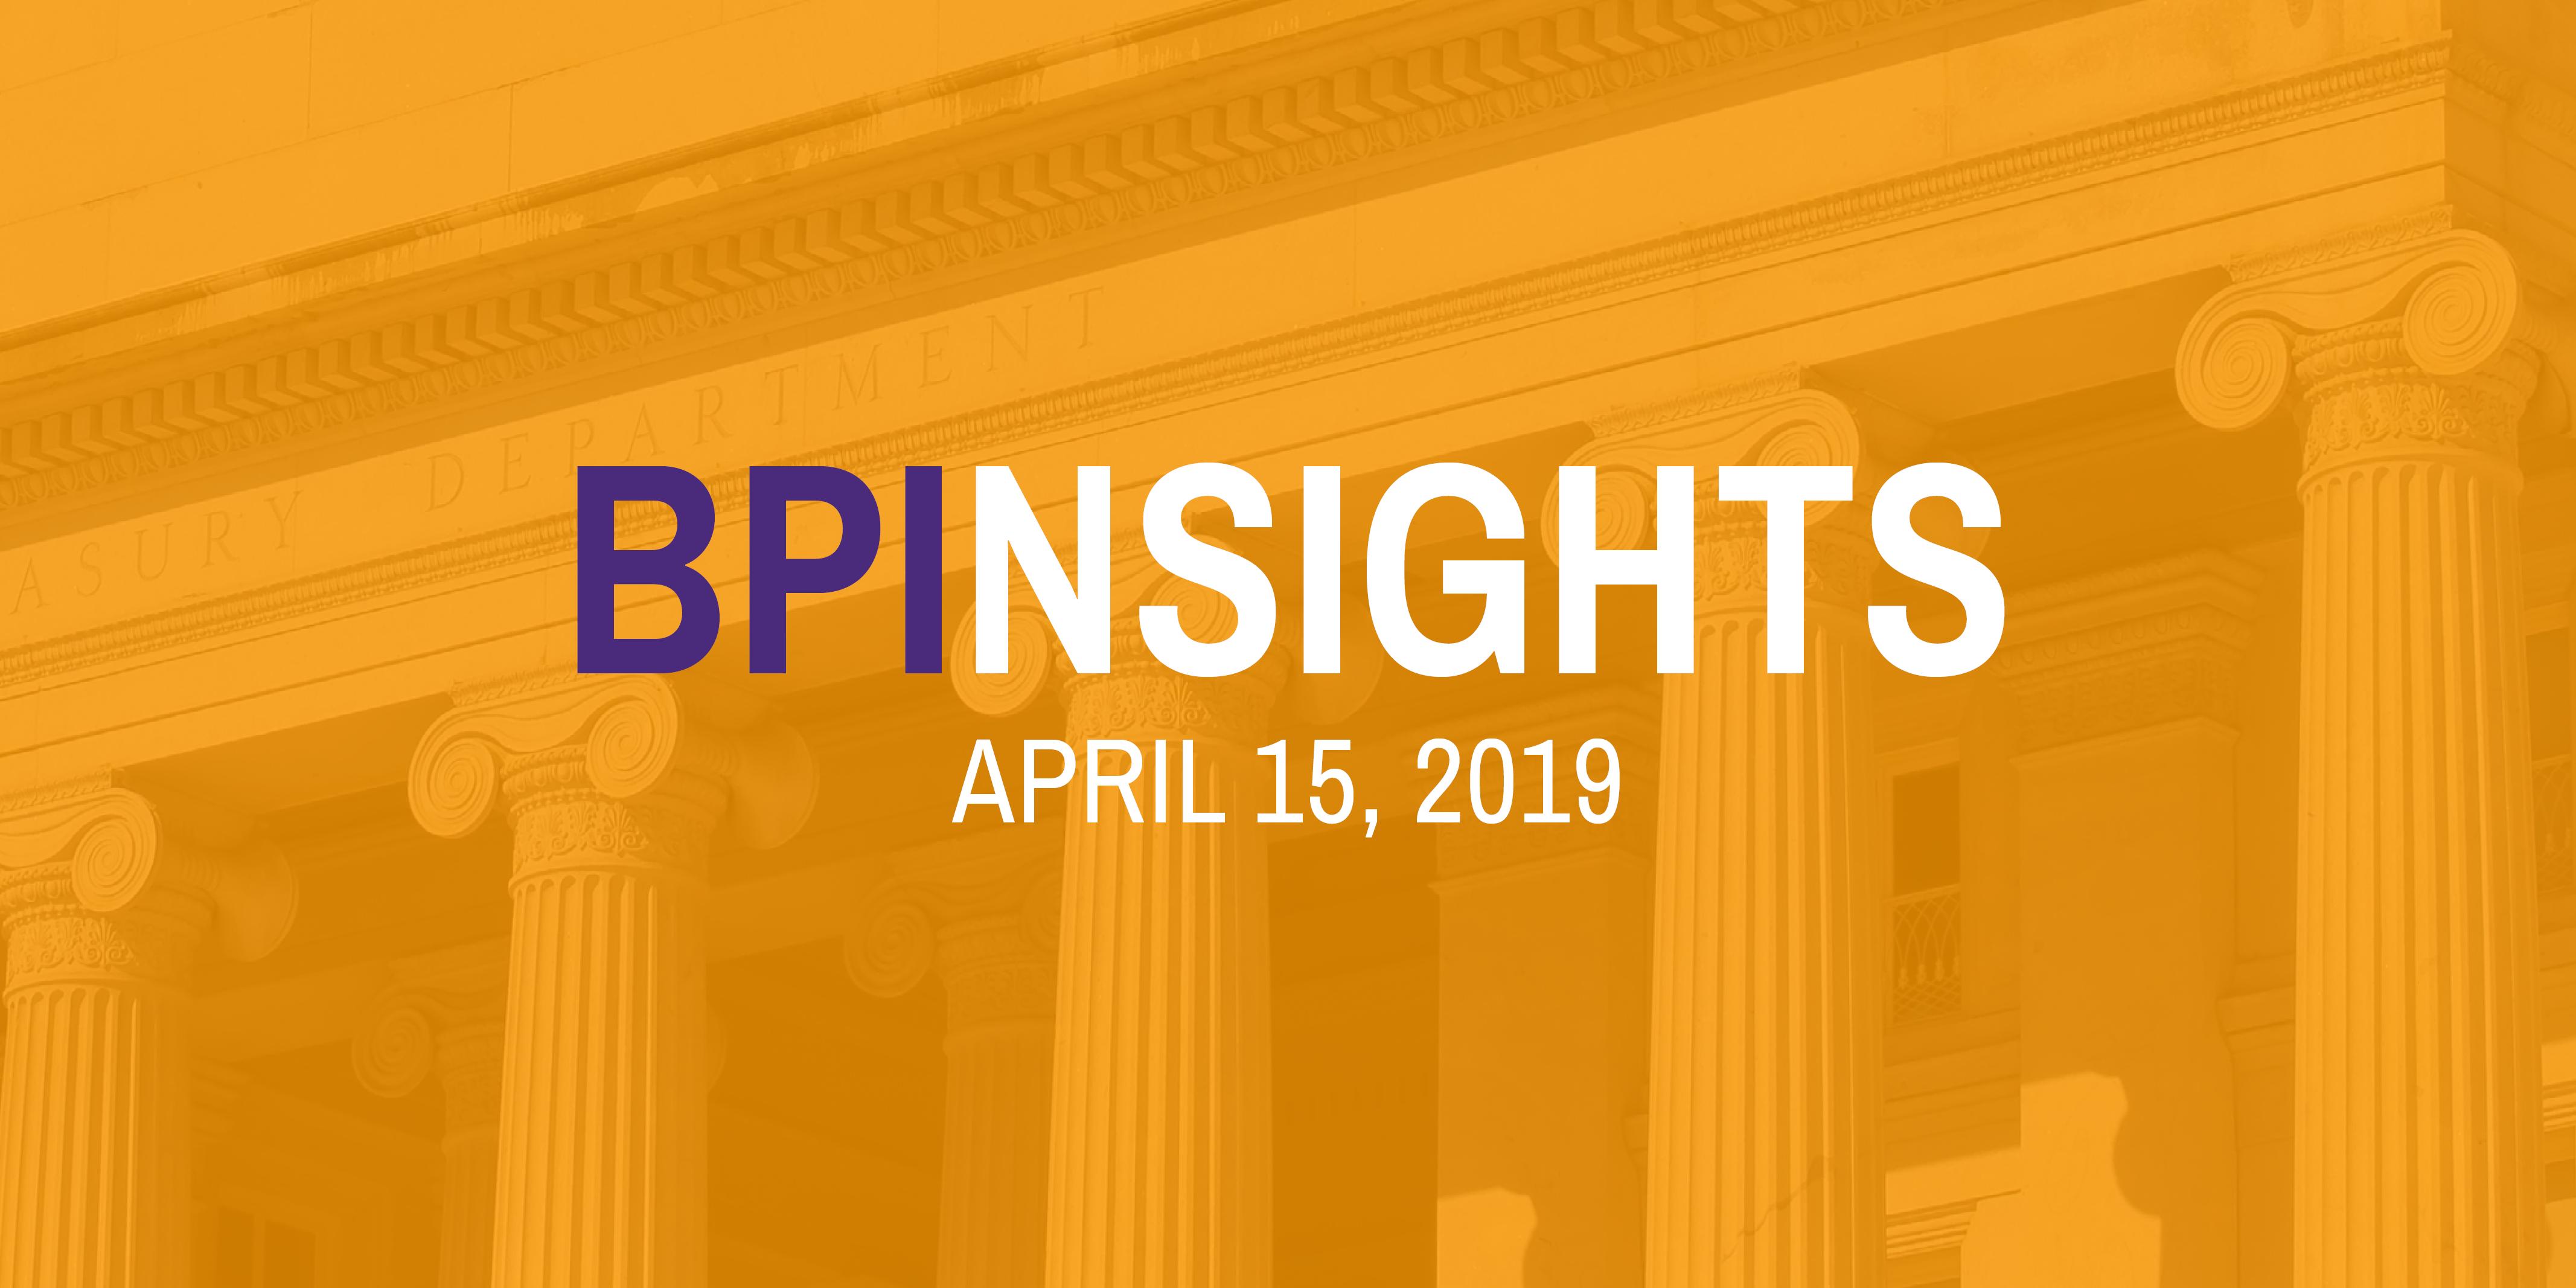 BPInsights: April 15, 2019